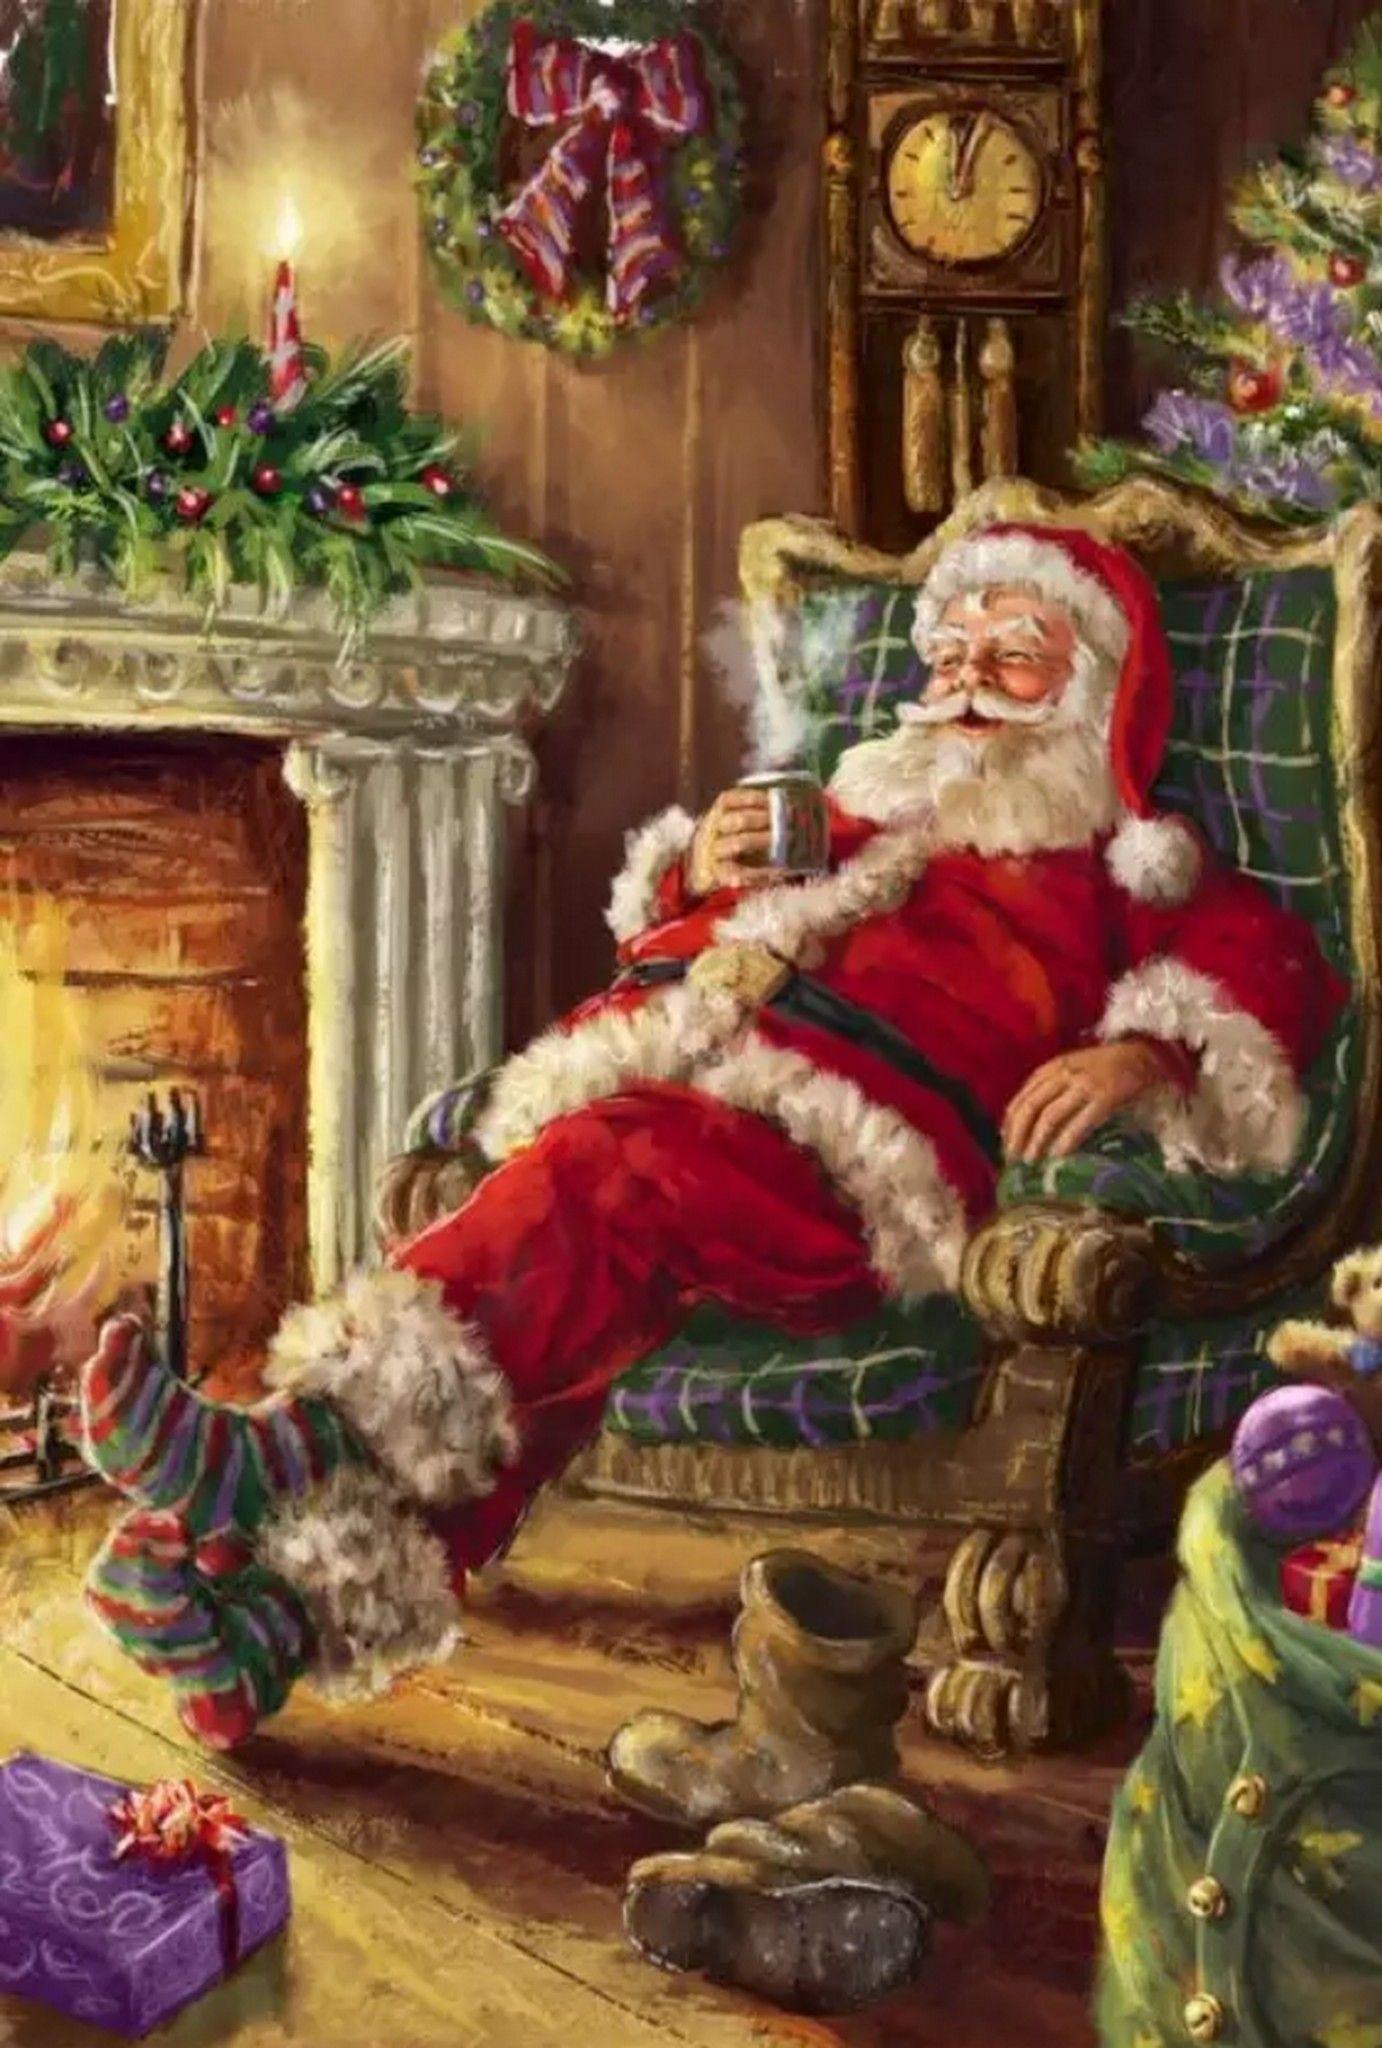 Pin von Hannelore Habicht auf Nikolaus ♂️ Weihnachten